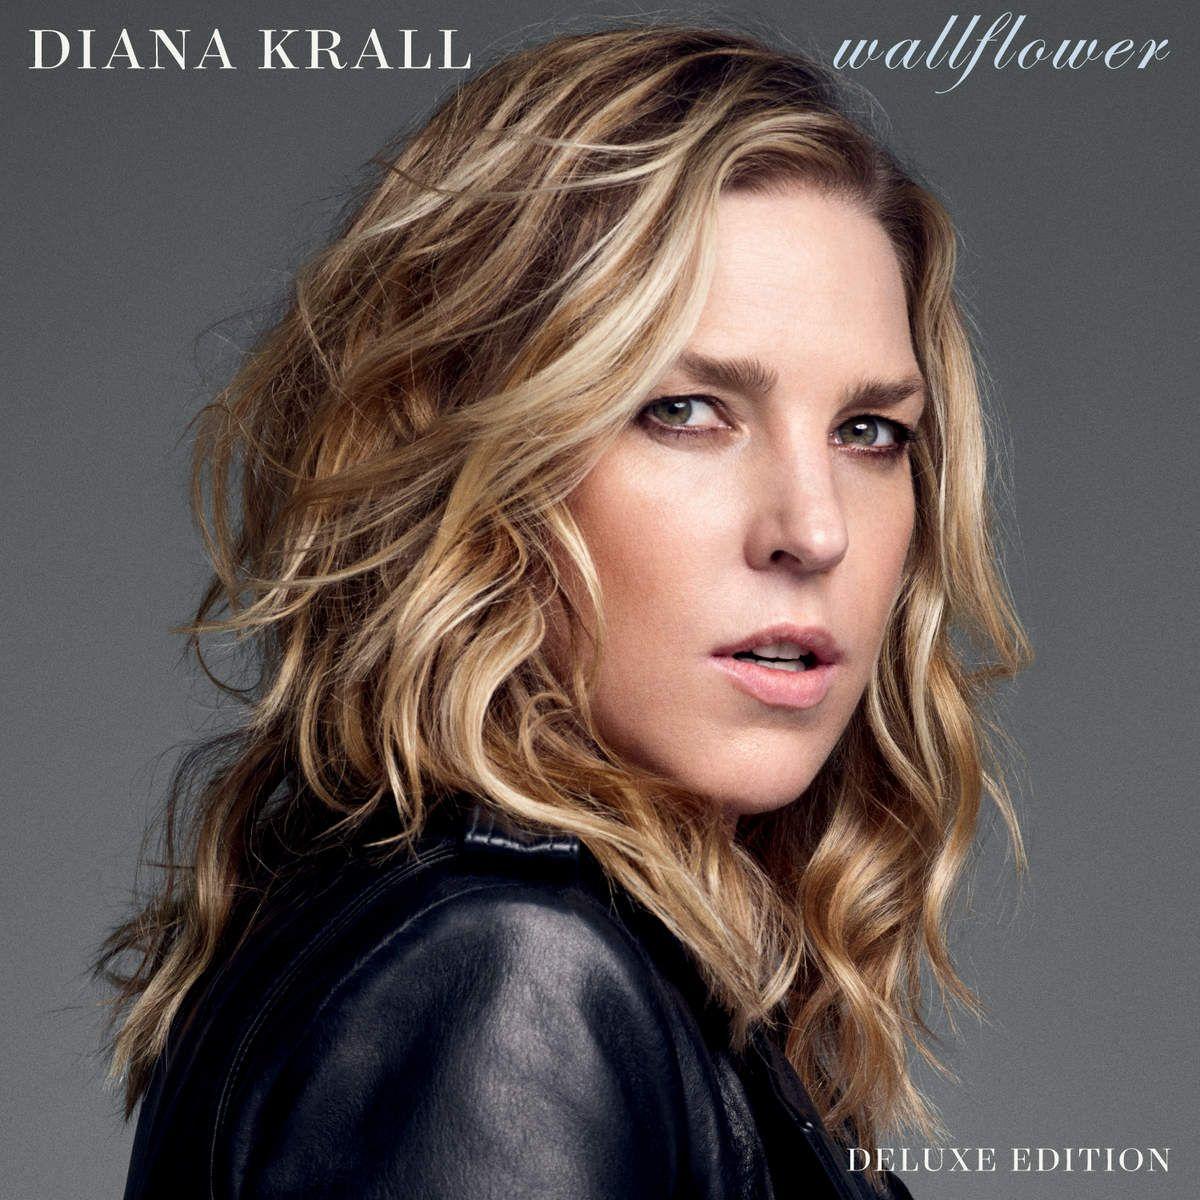 Diana Krall - Wallflower album cover